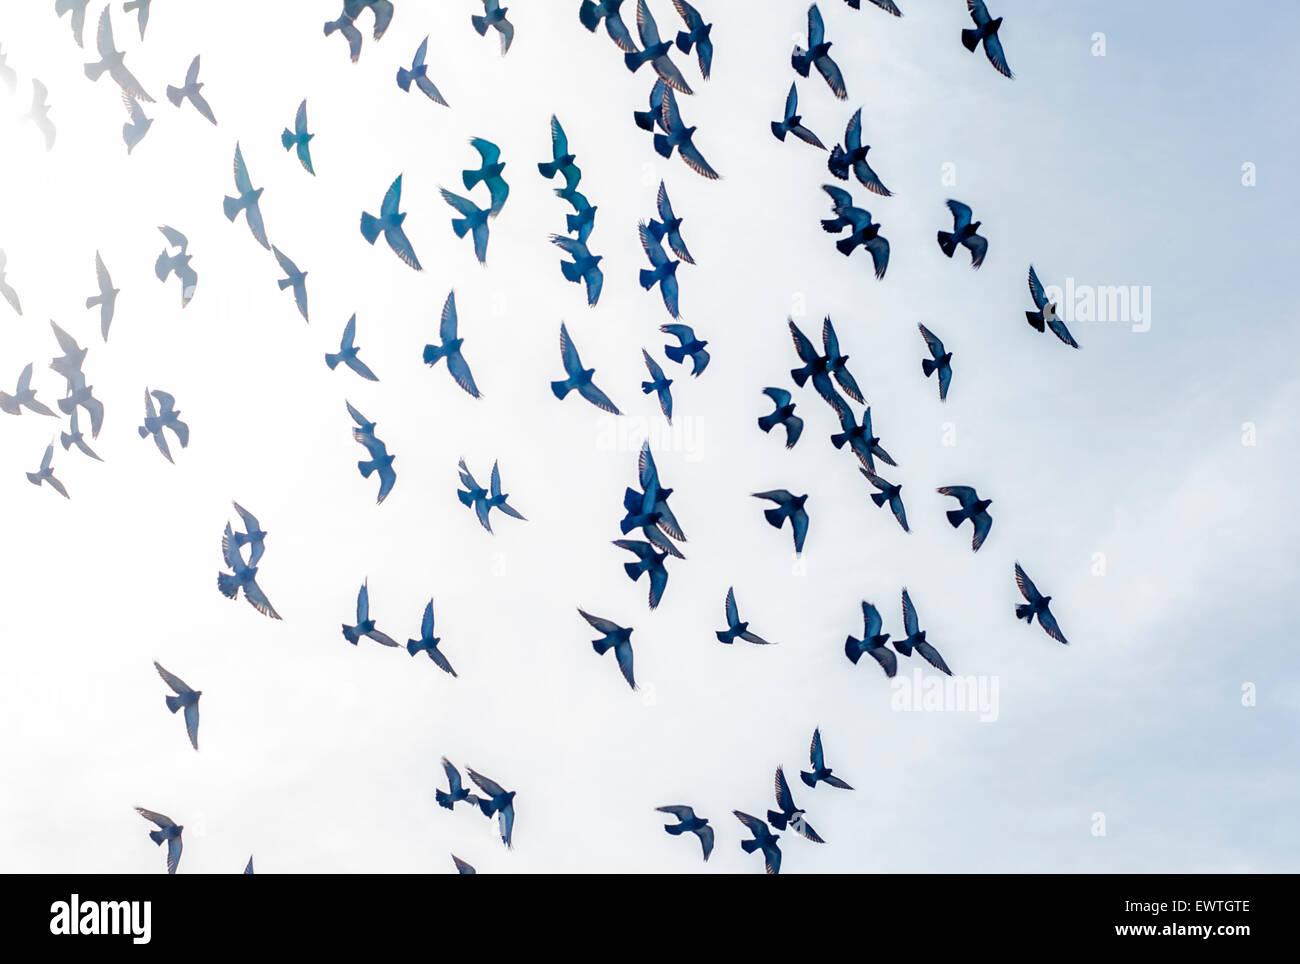 Los pájaros que vuelan en el sol, en la Jolla, California Imagen De Stock